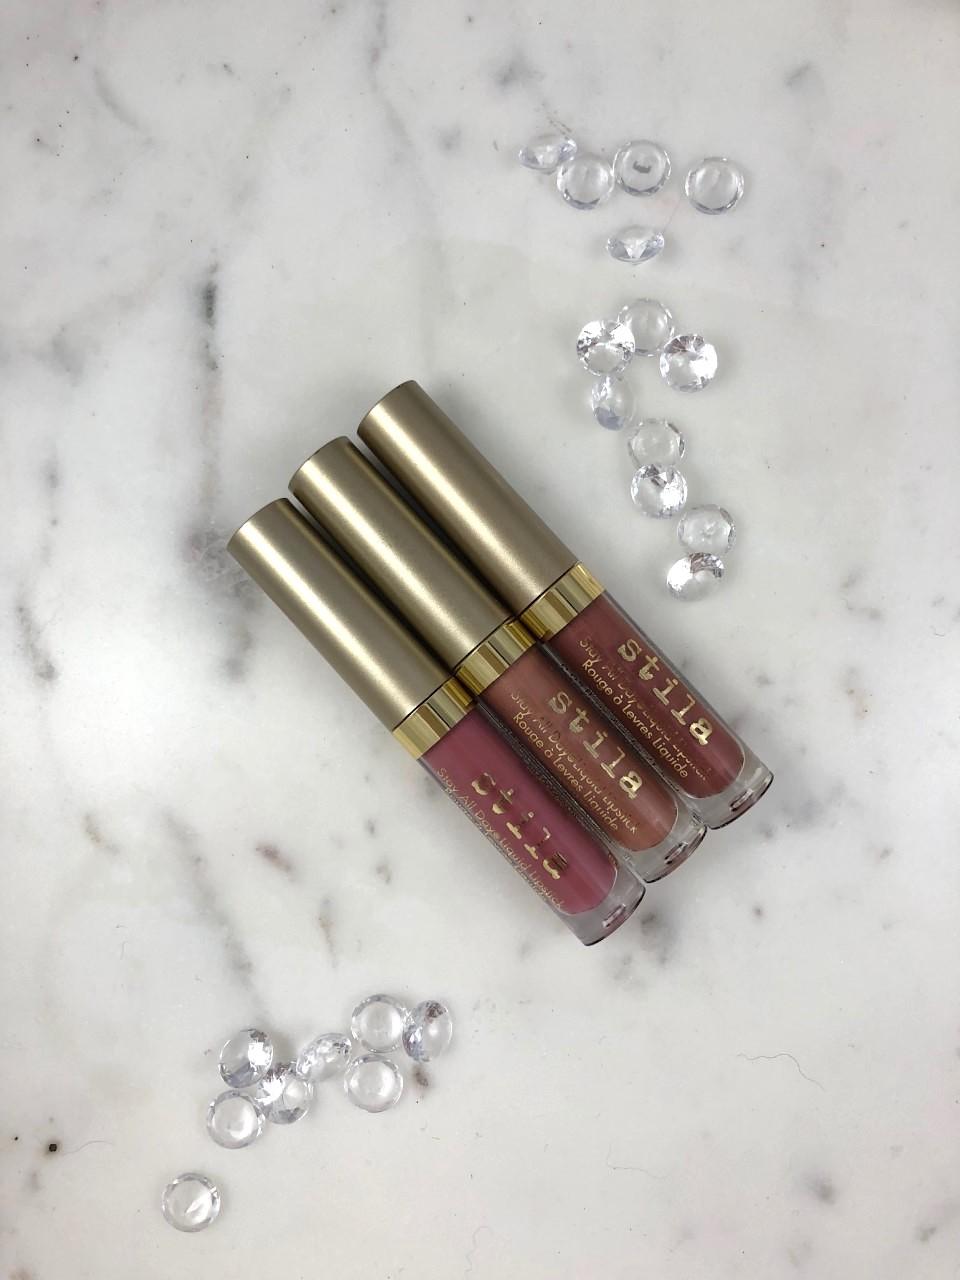 Stila Holiday 2018 Nude Attitude Mini Stay-all-day Liquid Lipsticks: A quick review